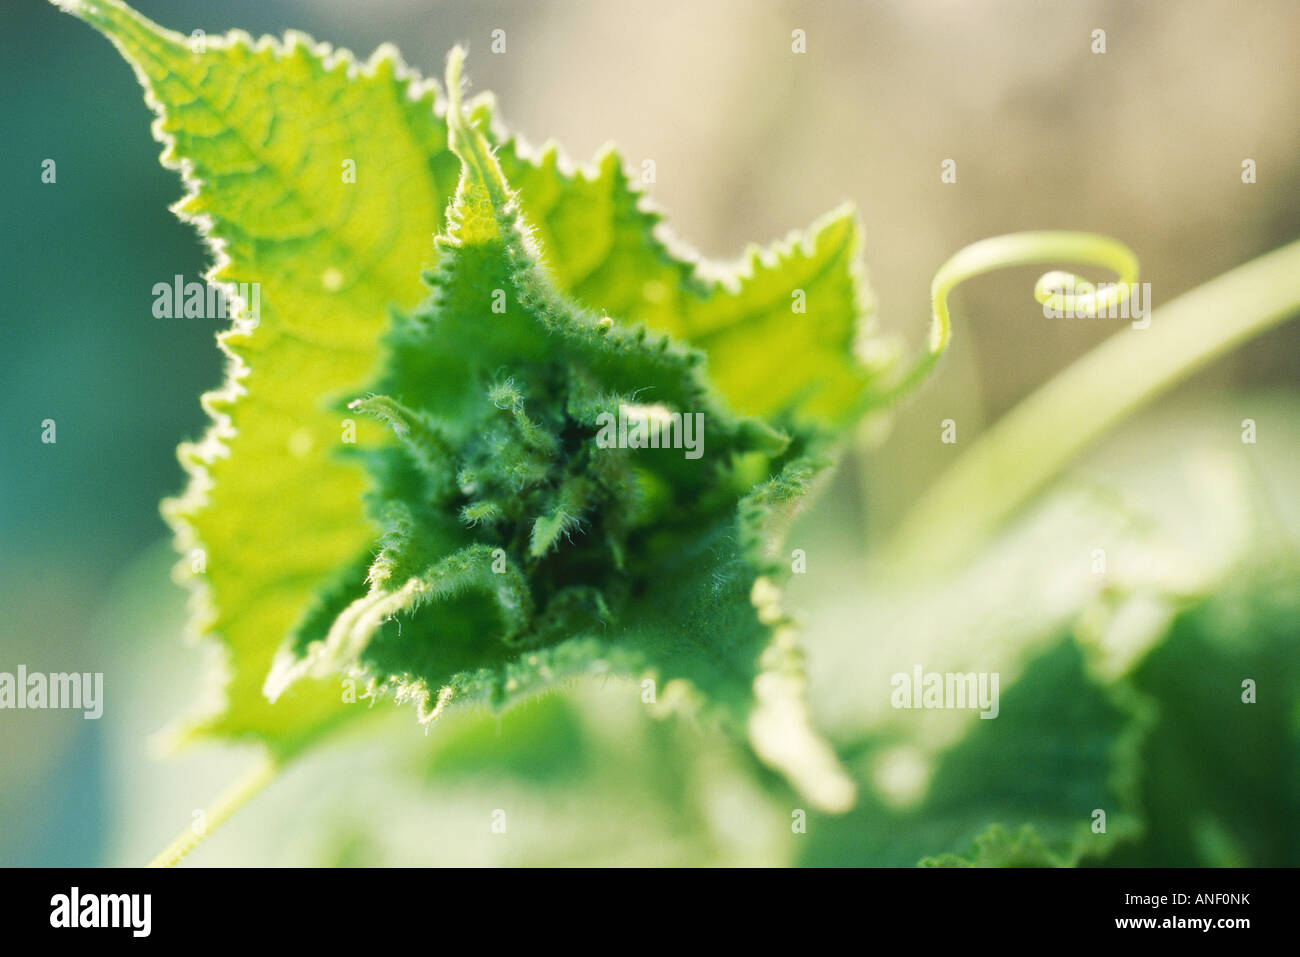 Blätter und Ranken im Gemüsegarten, extreme Nahaufnahme Stockbild